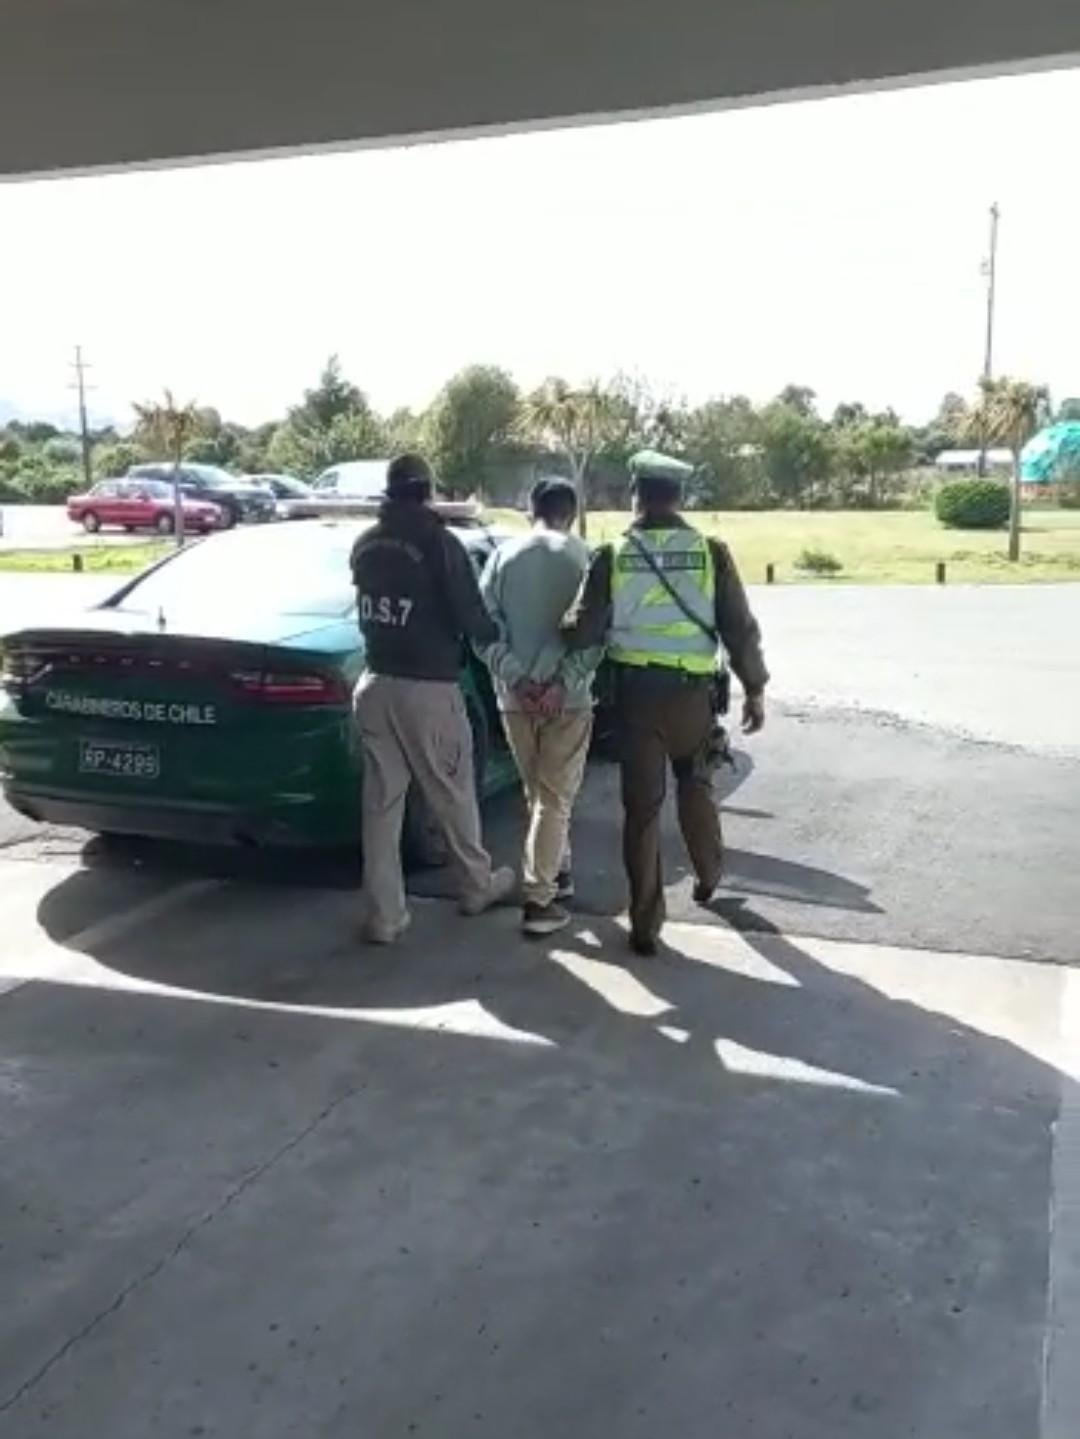 Ruta 5 Sur: Carabineros incautó marihuana en bus interprovincial.